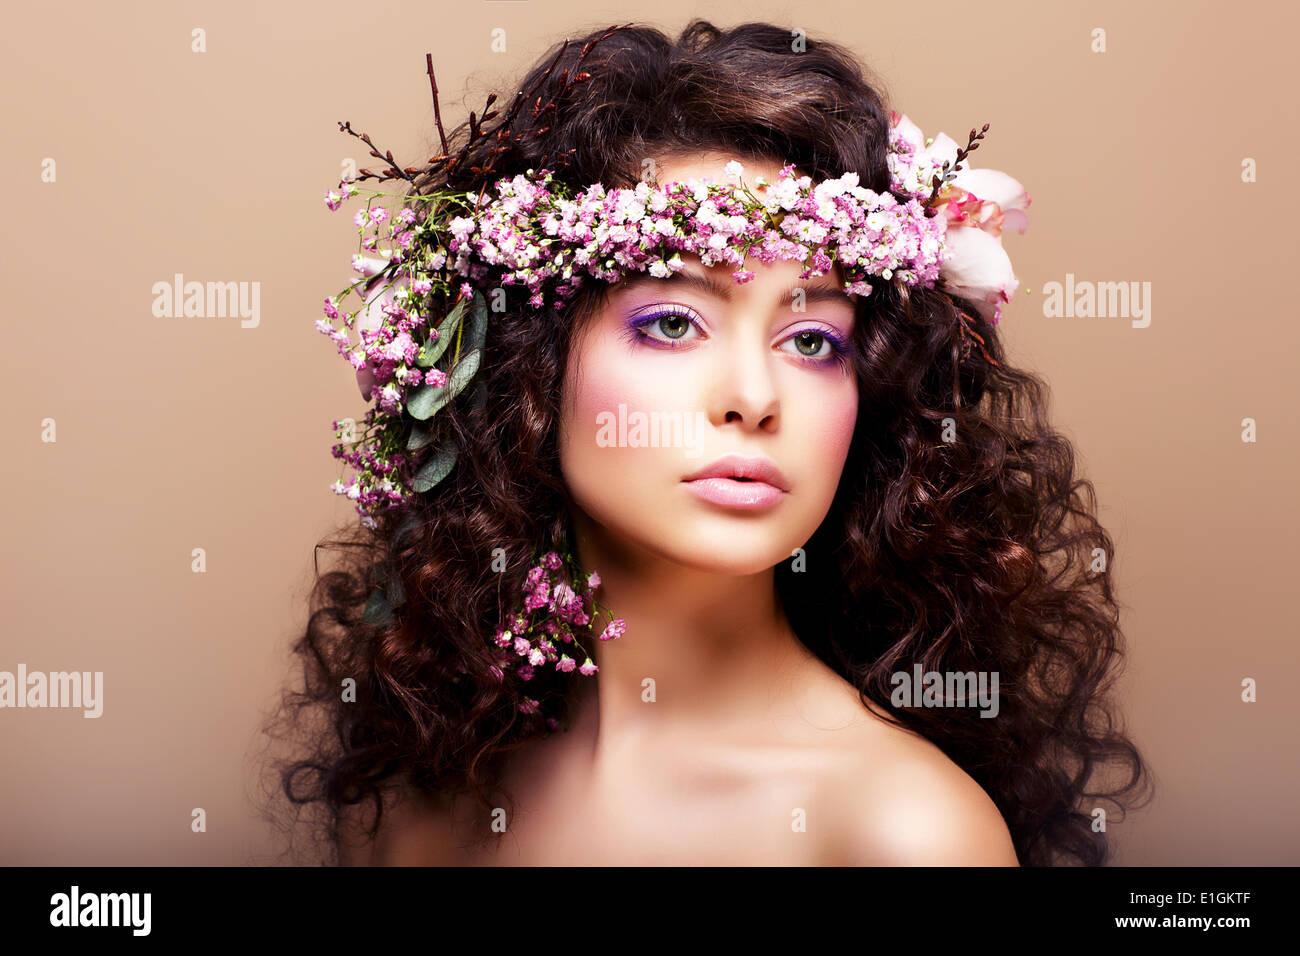 Luxuriante. La féminité. Modèle de mode classique avec gerbe de fleurs Photo Stock